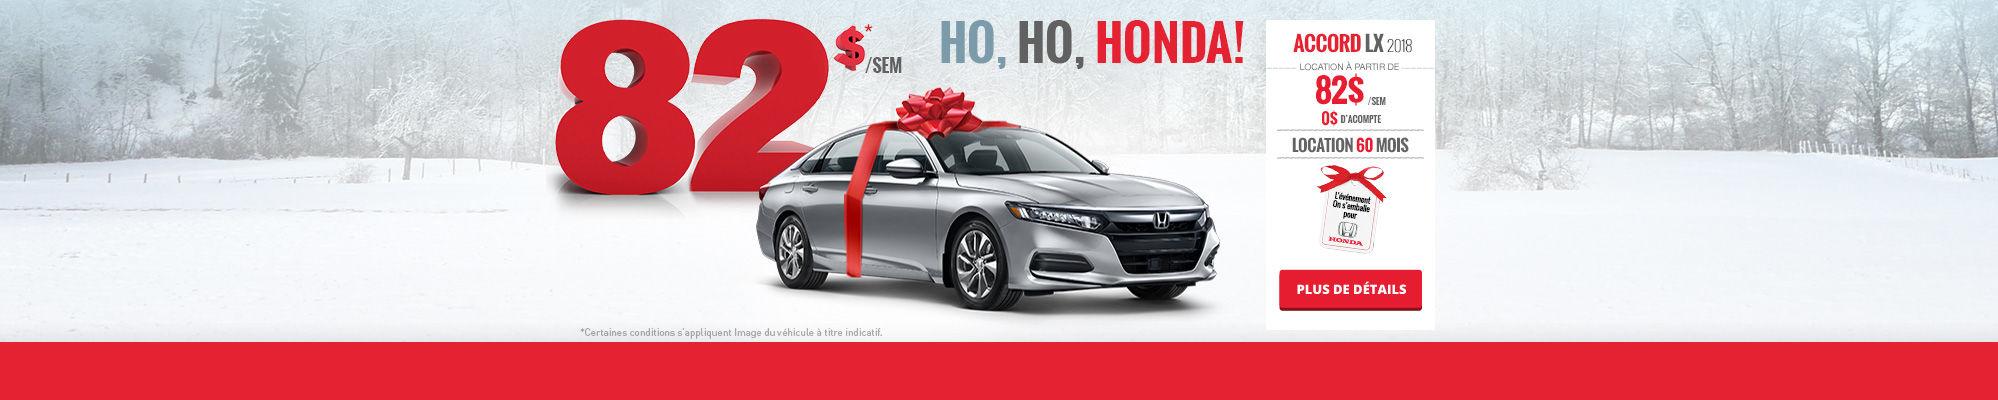 Ho, Ho, Honda! Louez une Accord!